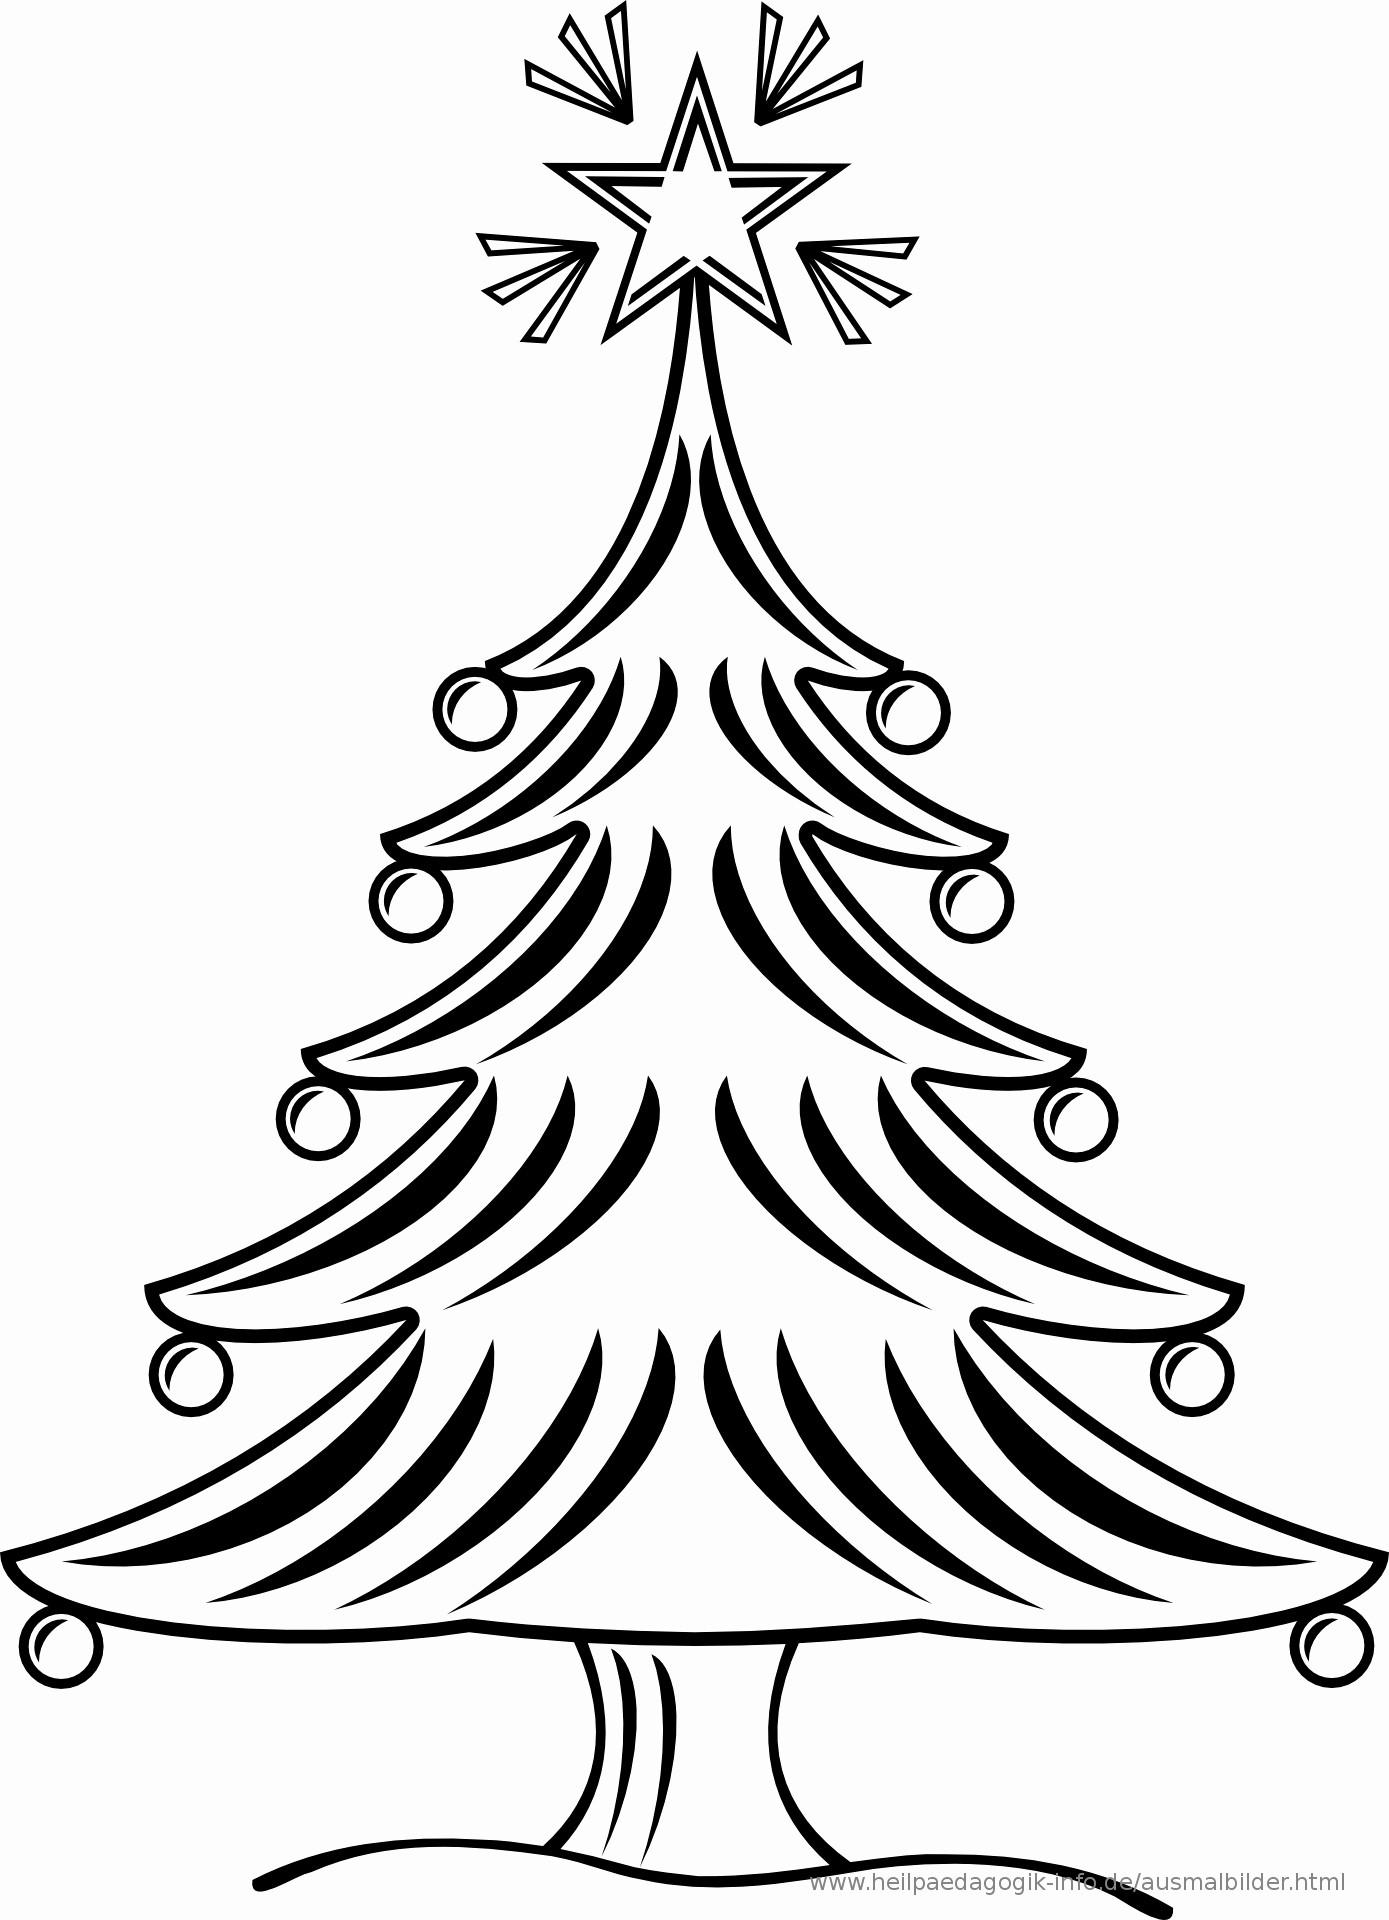 Ausmalbilder Weihnachten Tannenbaum Frisch Malvorlagen Tannenbaum Ausdrucken Schön Ausmalbilder Stock